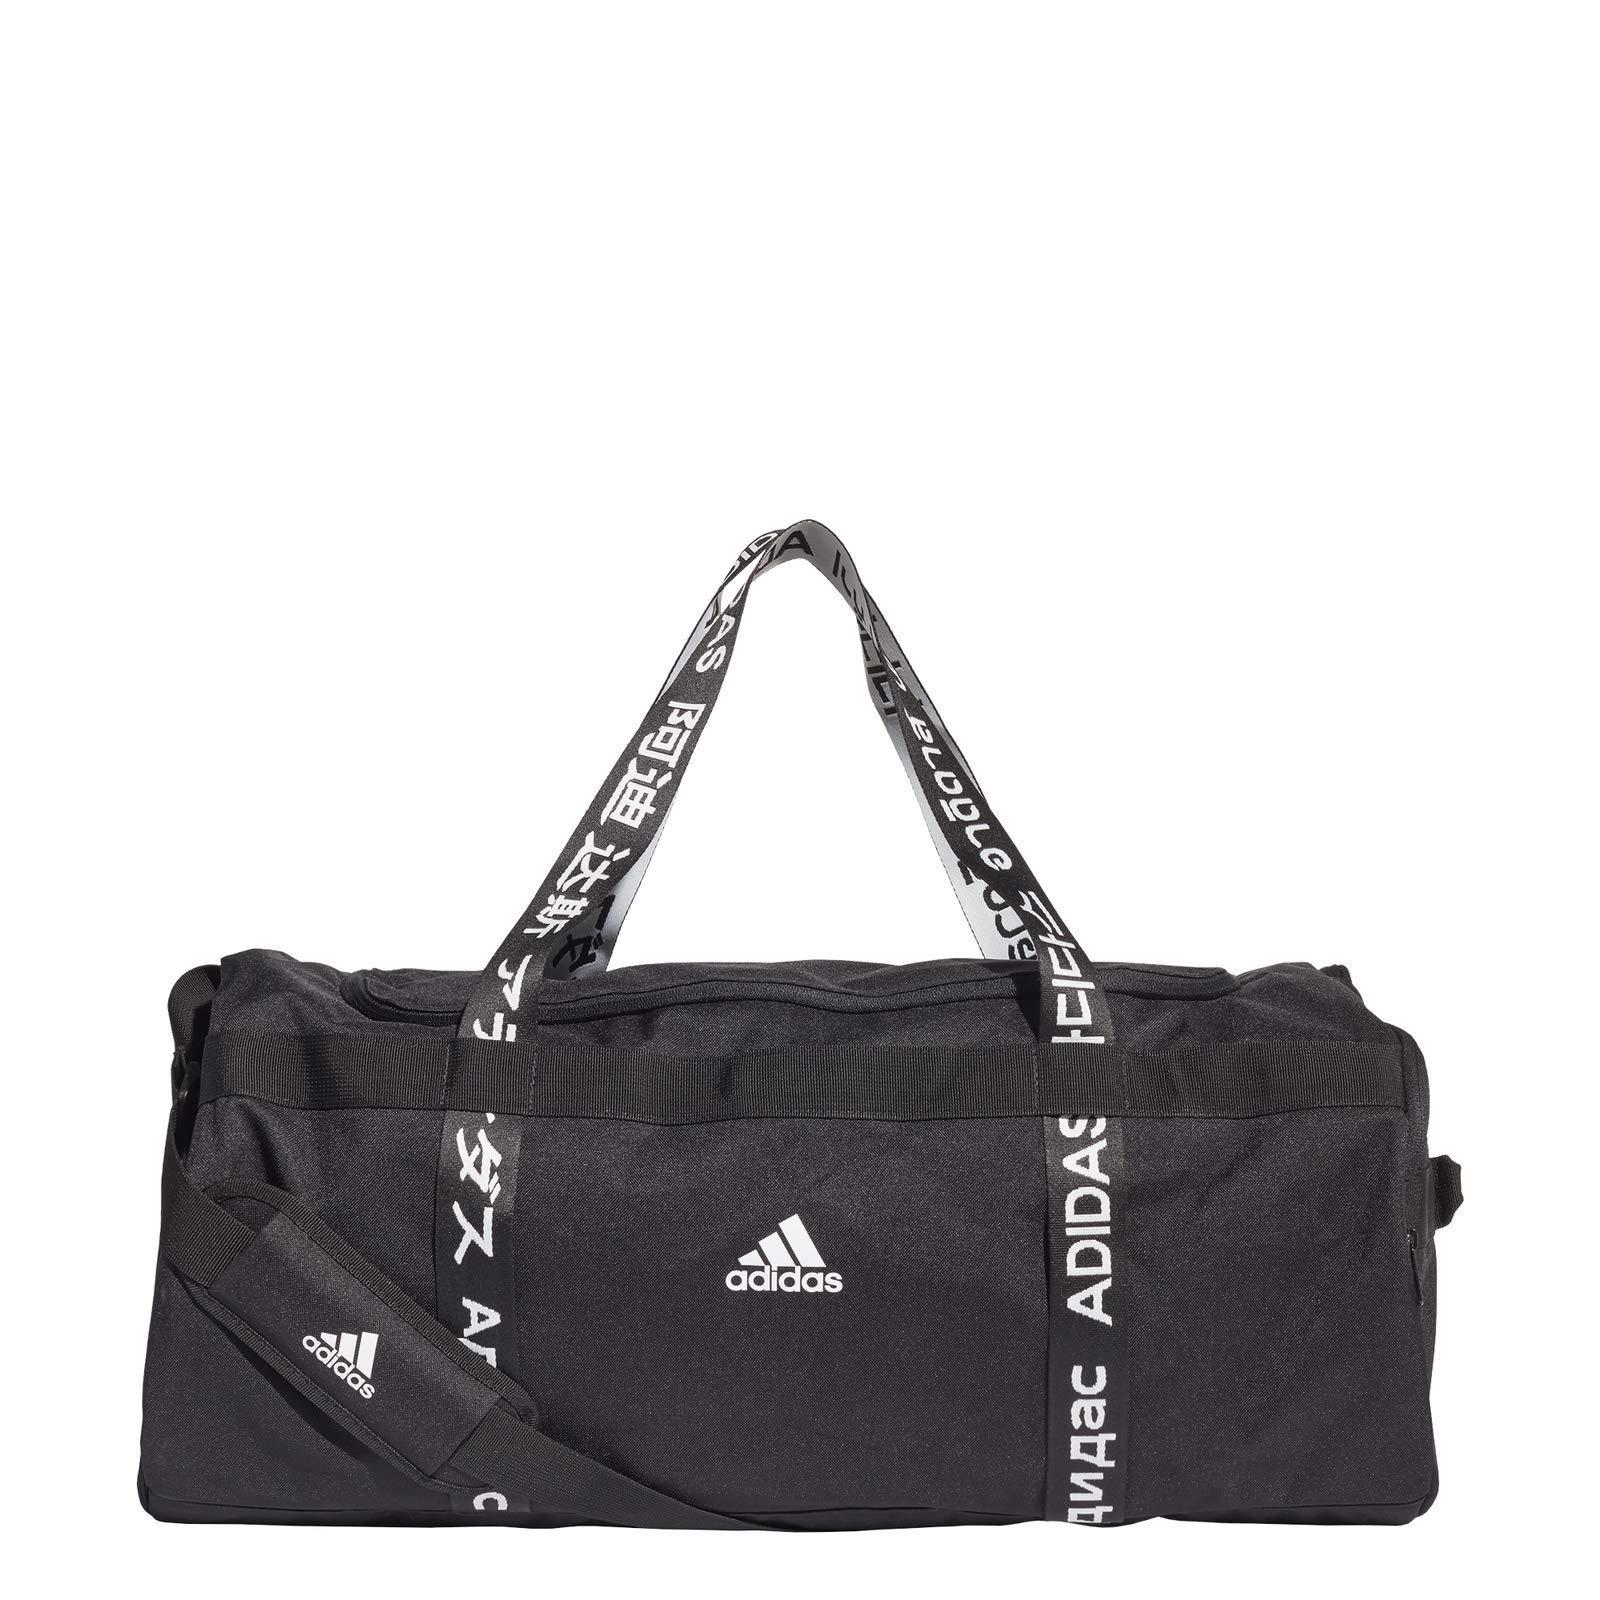 adidas 4ATHLTS DUF L Gym Bag, Black/Black/White, NS